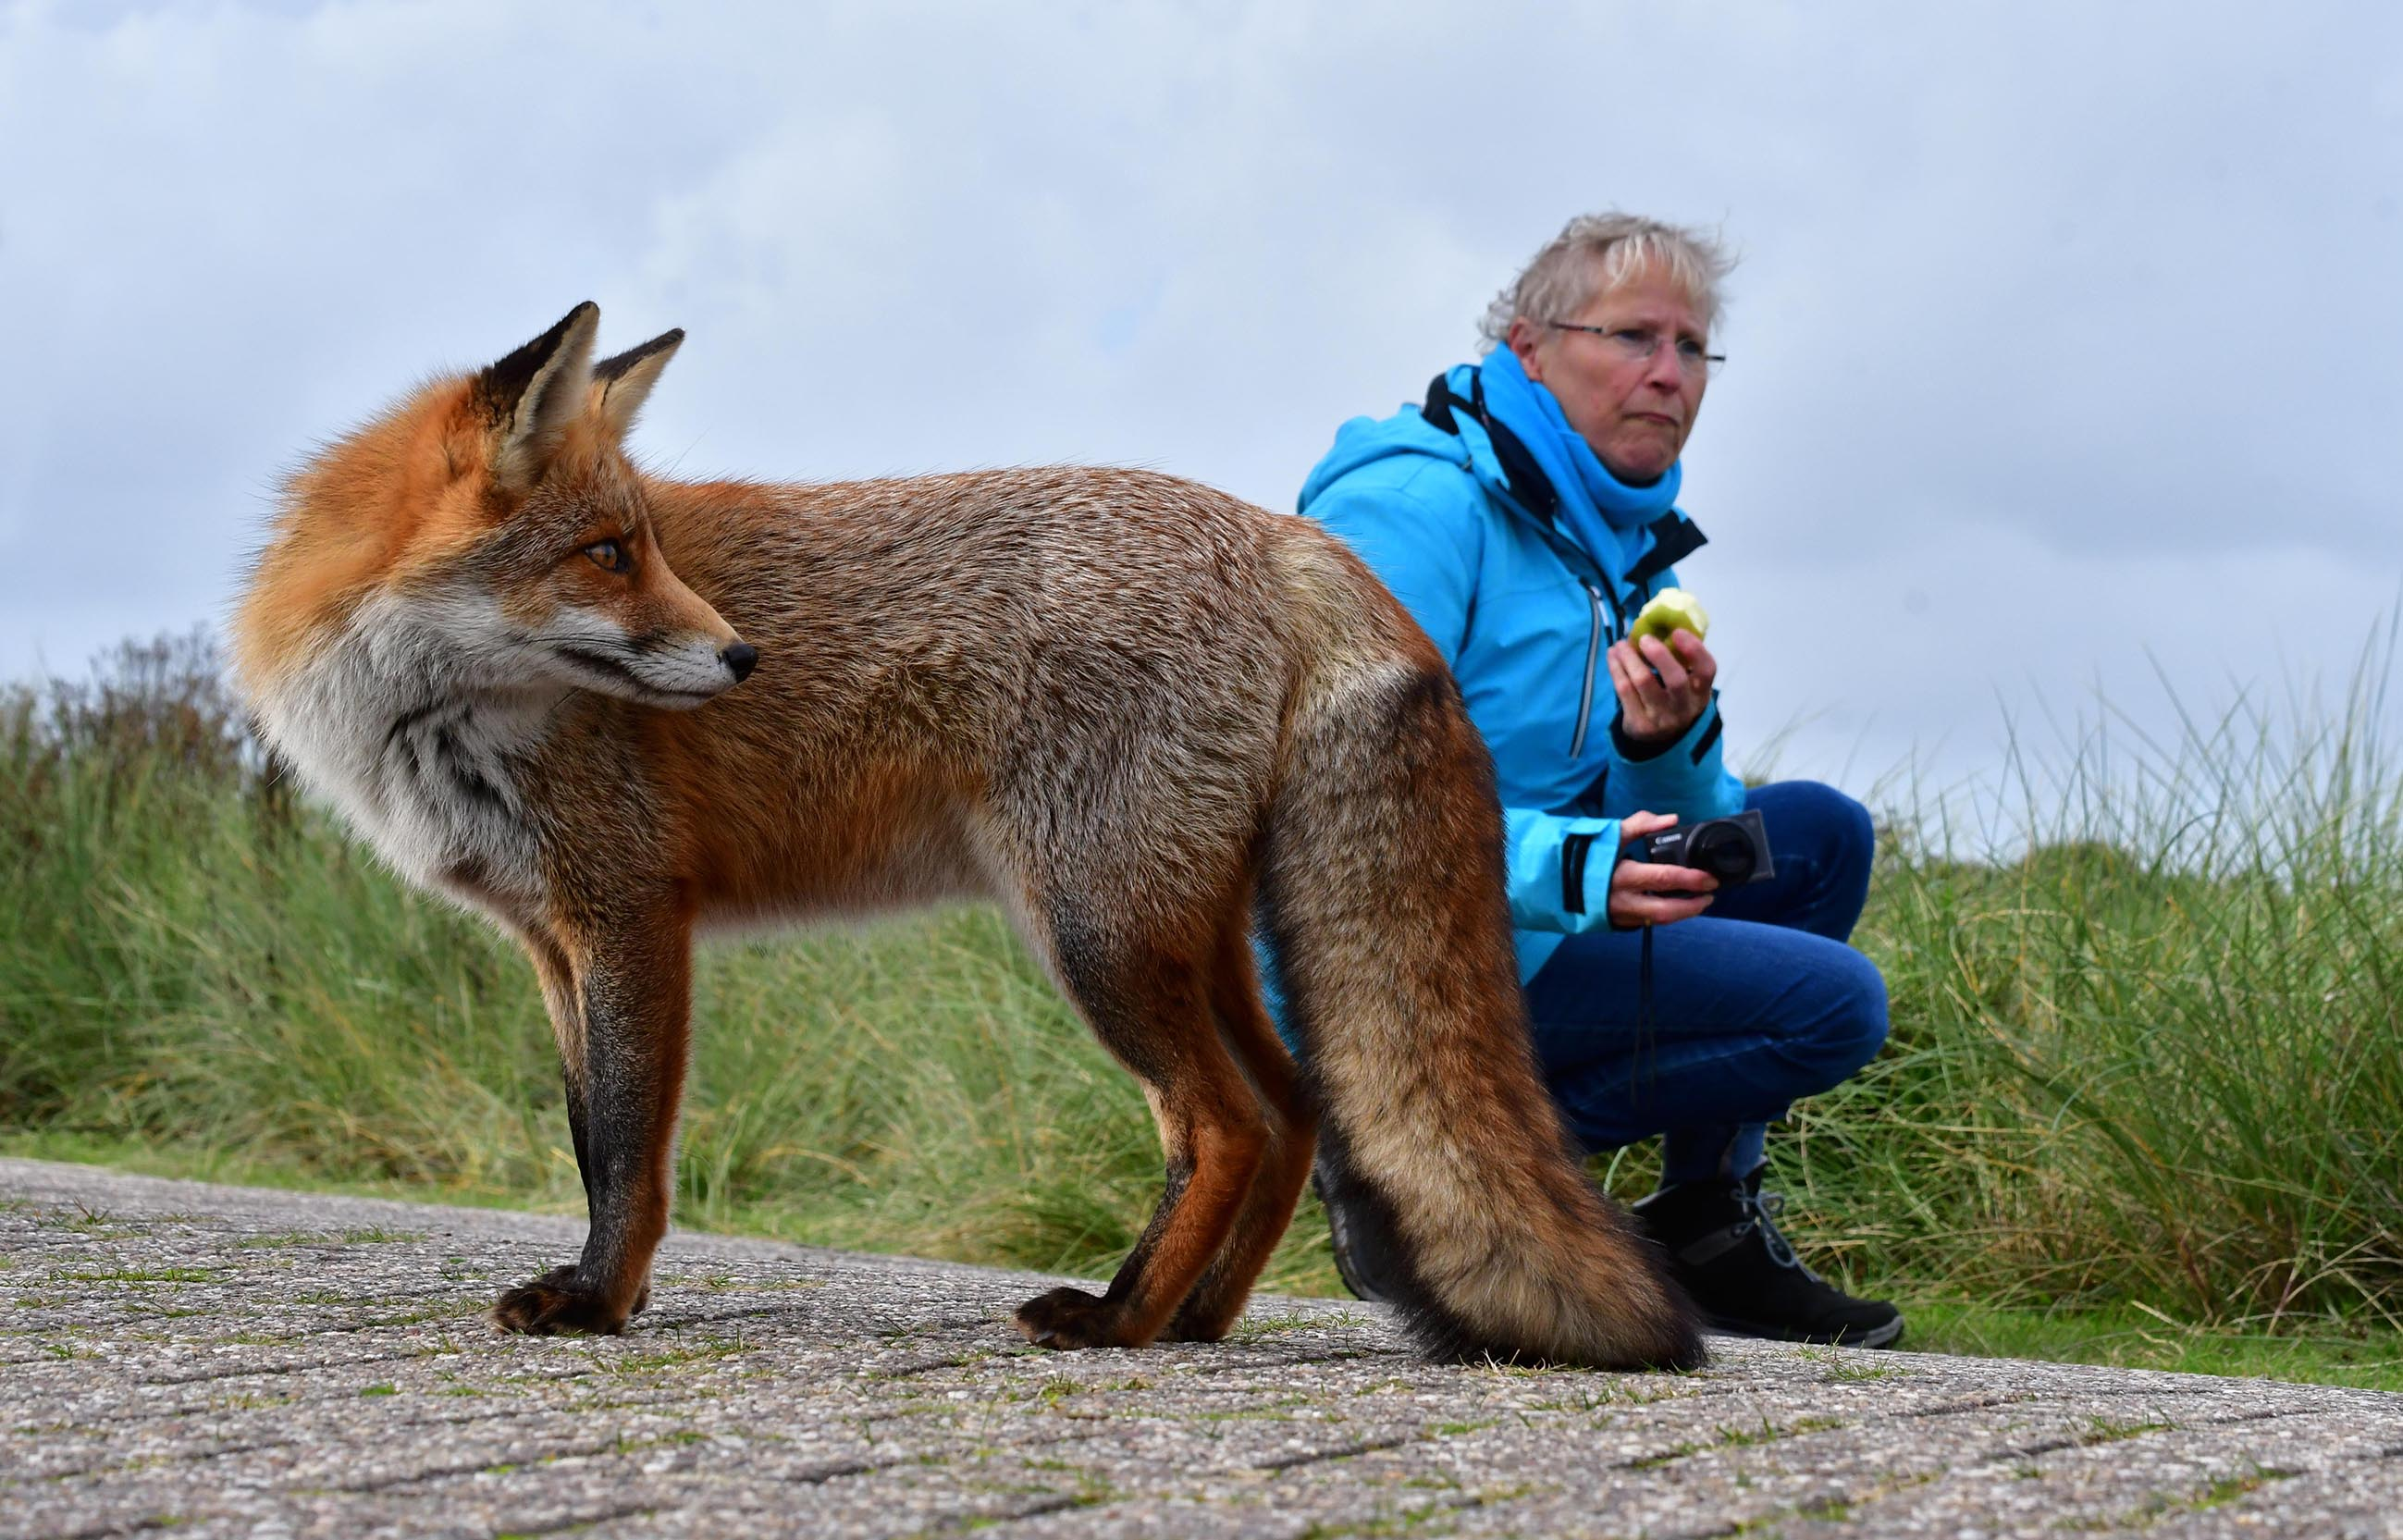 De vos kijkt nieuwsgierig naar Fransien die een appeltje aan het eten is - Foto: ©Louis Fraanje